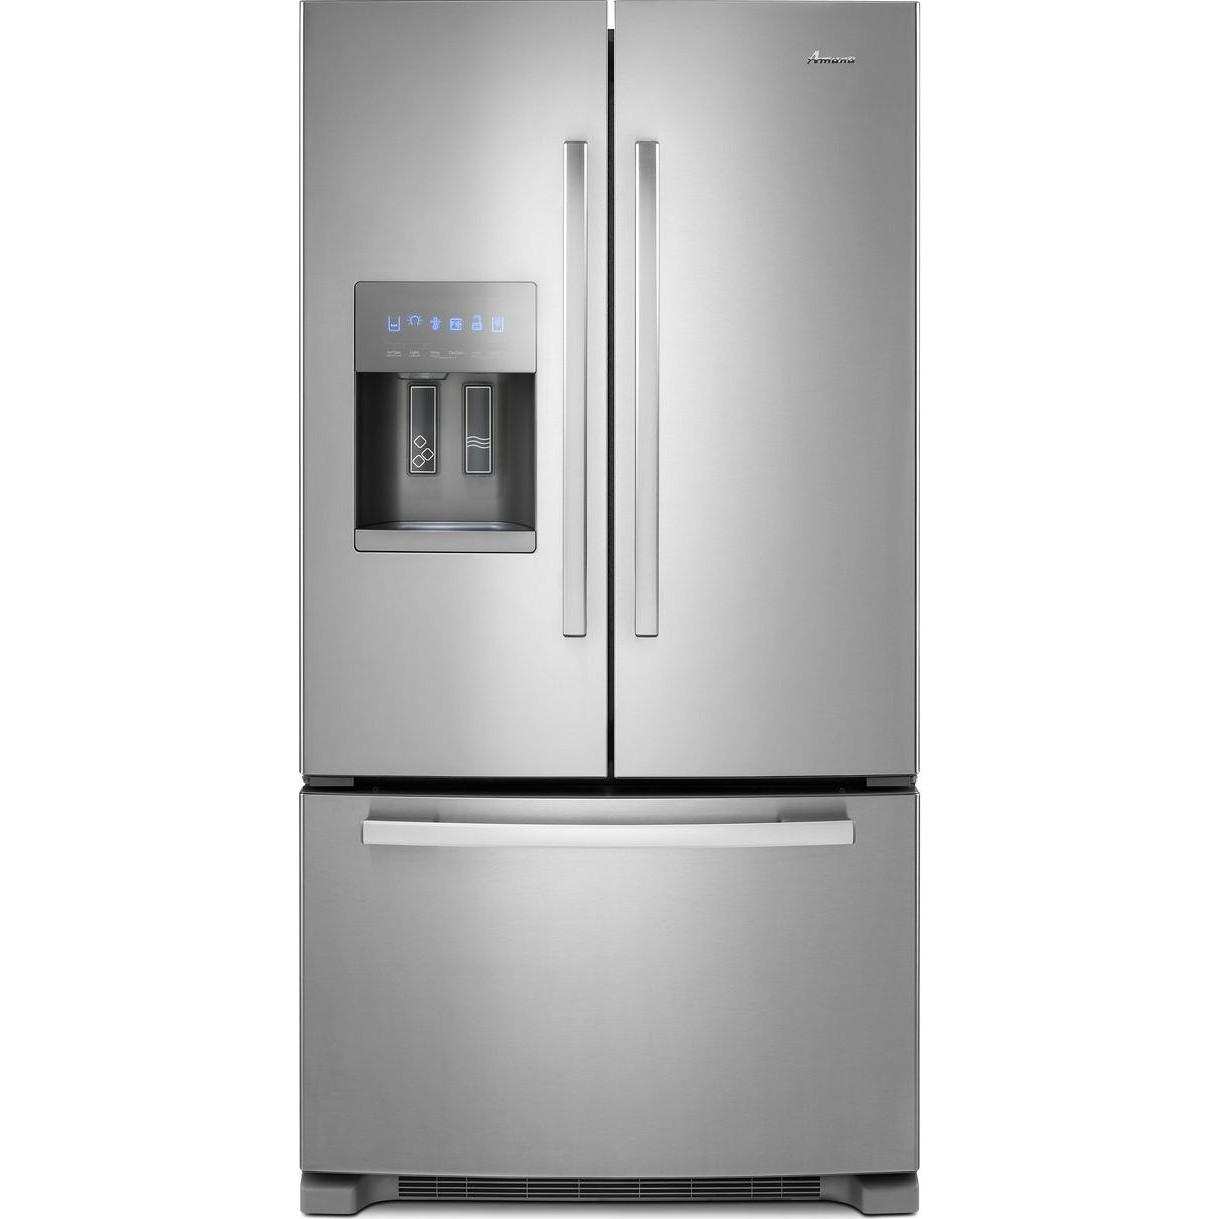 Majik Amana 24 7 Cu Ft French Door Refrigerator Rent